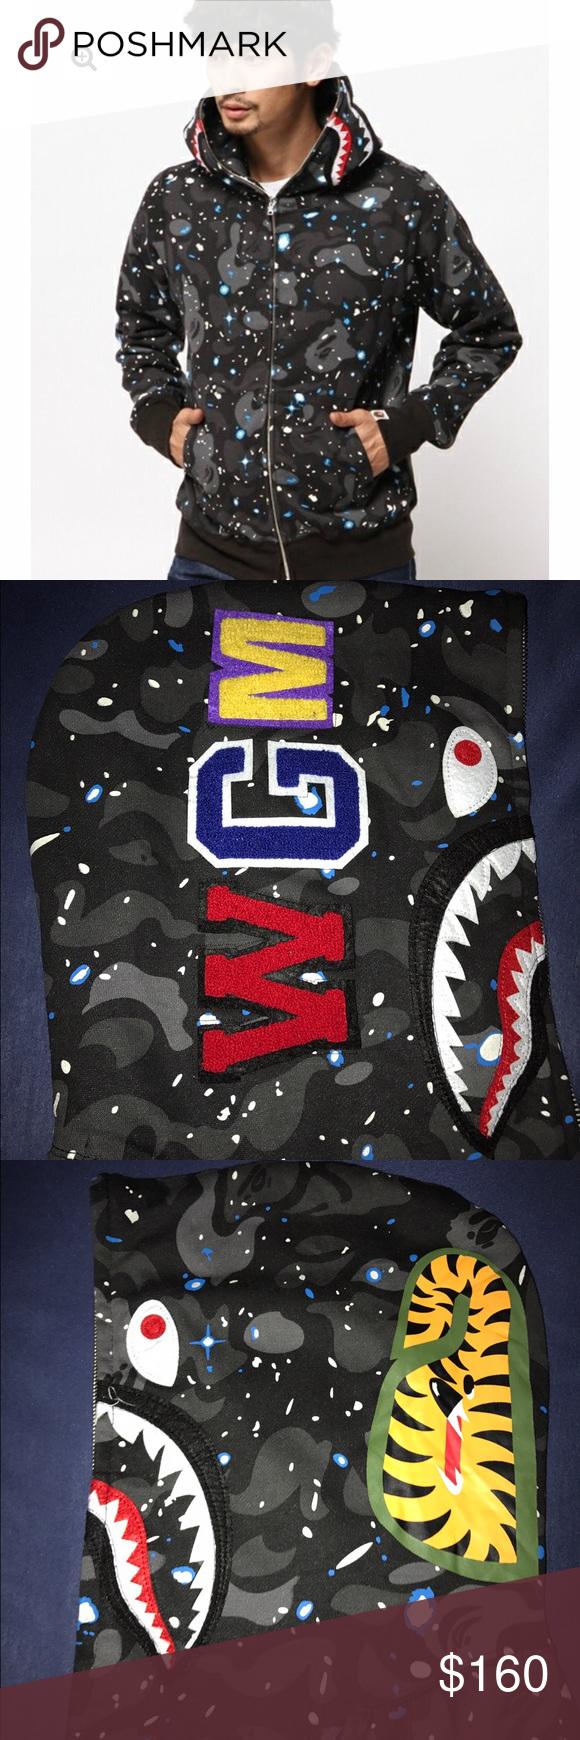 e69b71552 Bape Shark Camo Galaxy New with tags Bape Shark Hoodie. Size Large fits  like a medium. bape Sweaters Zip Up